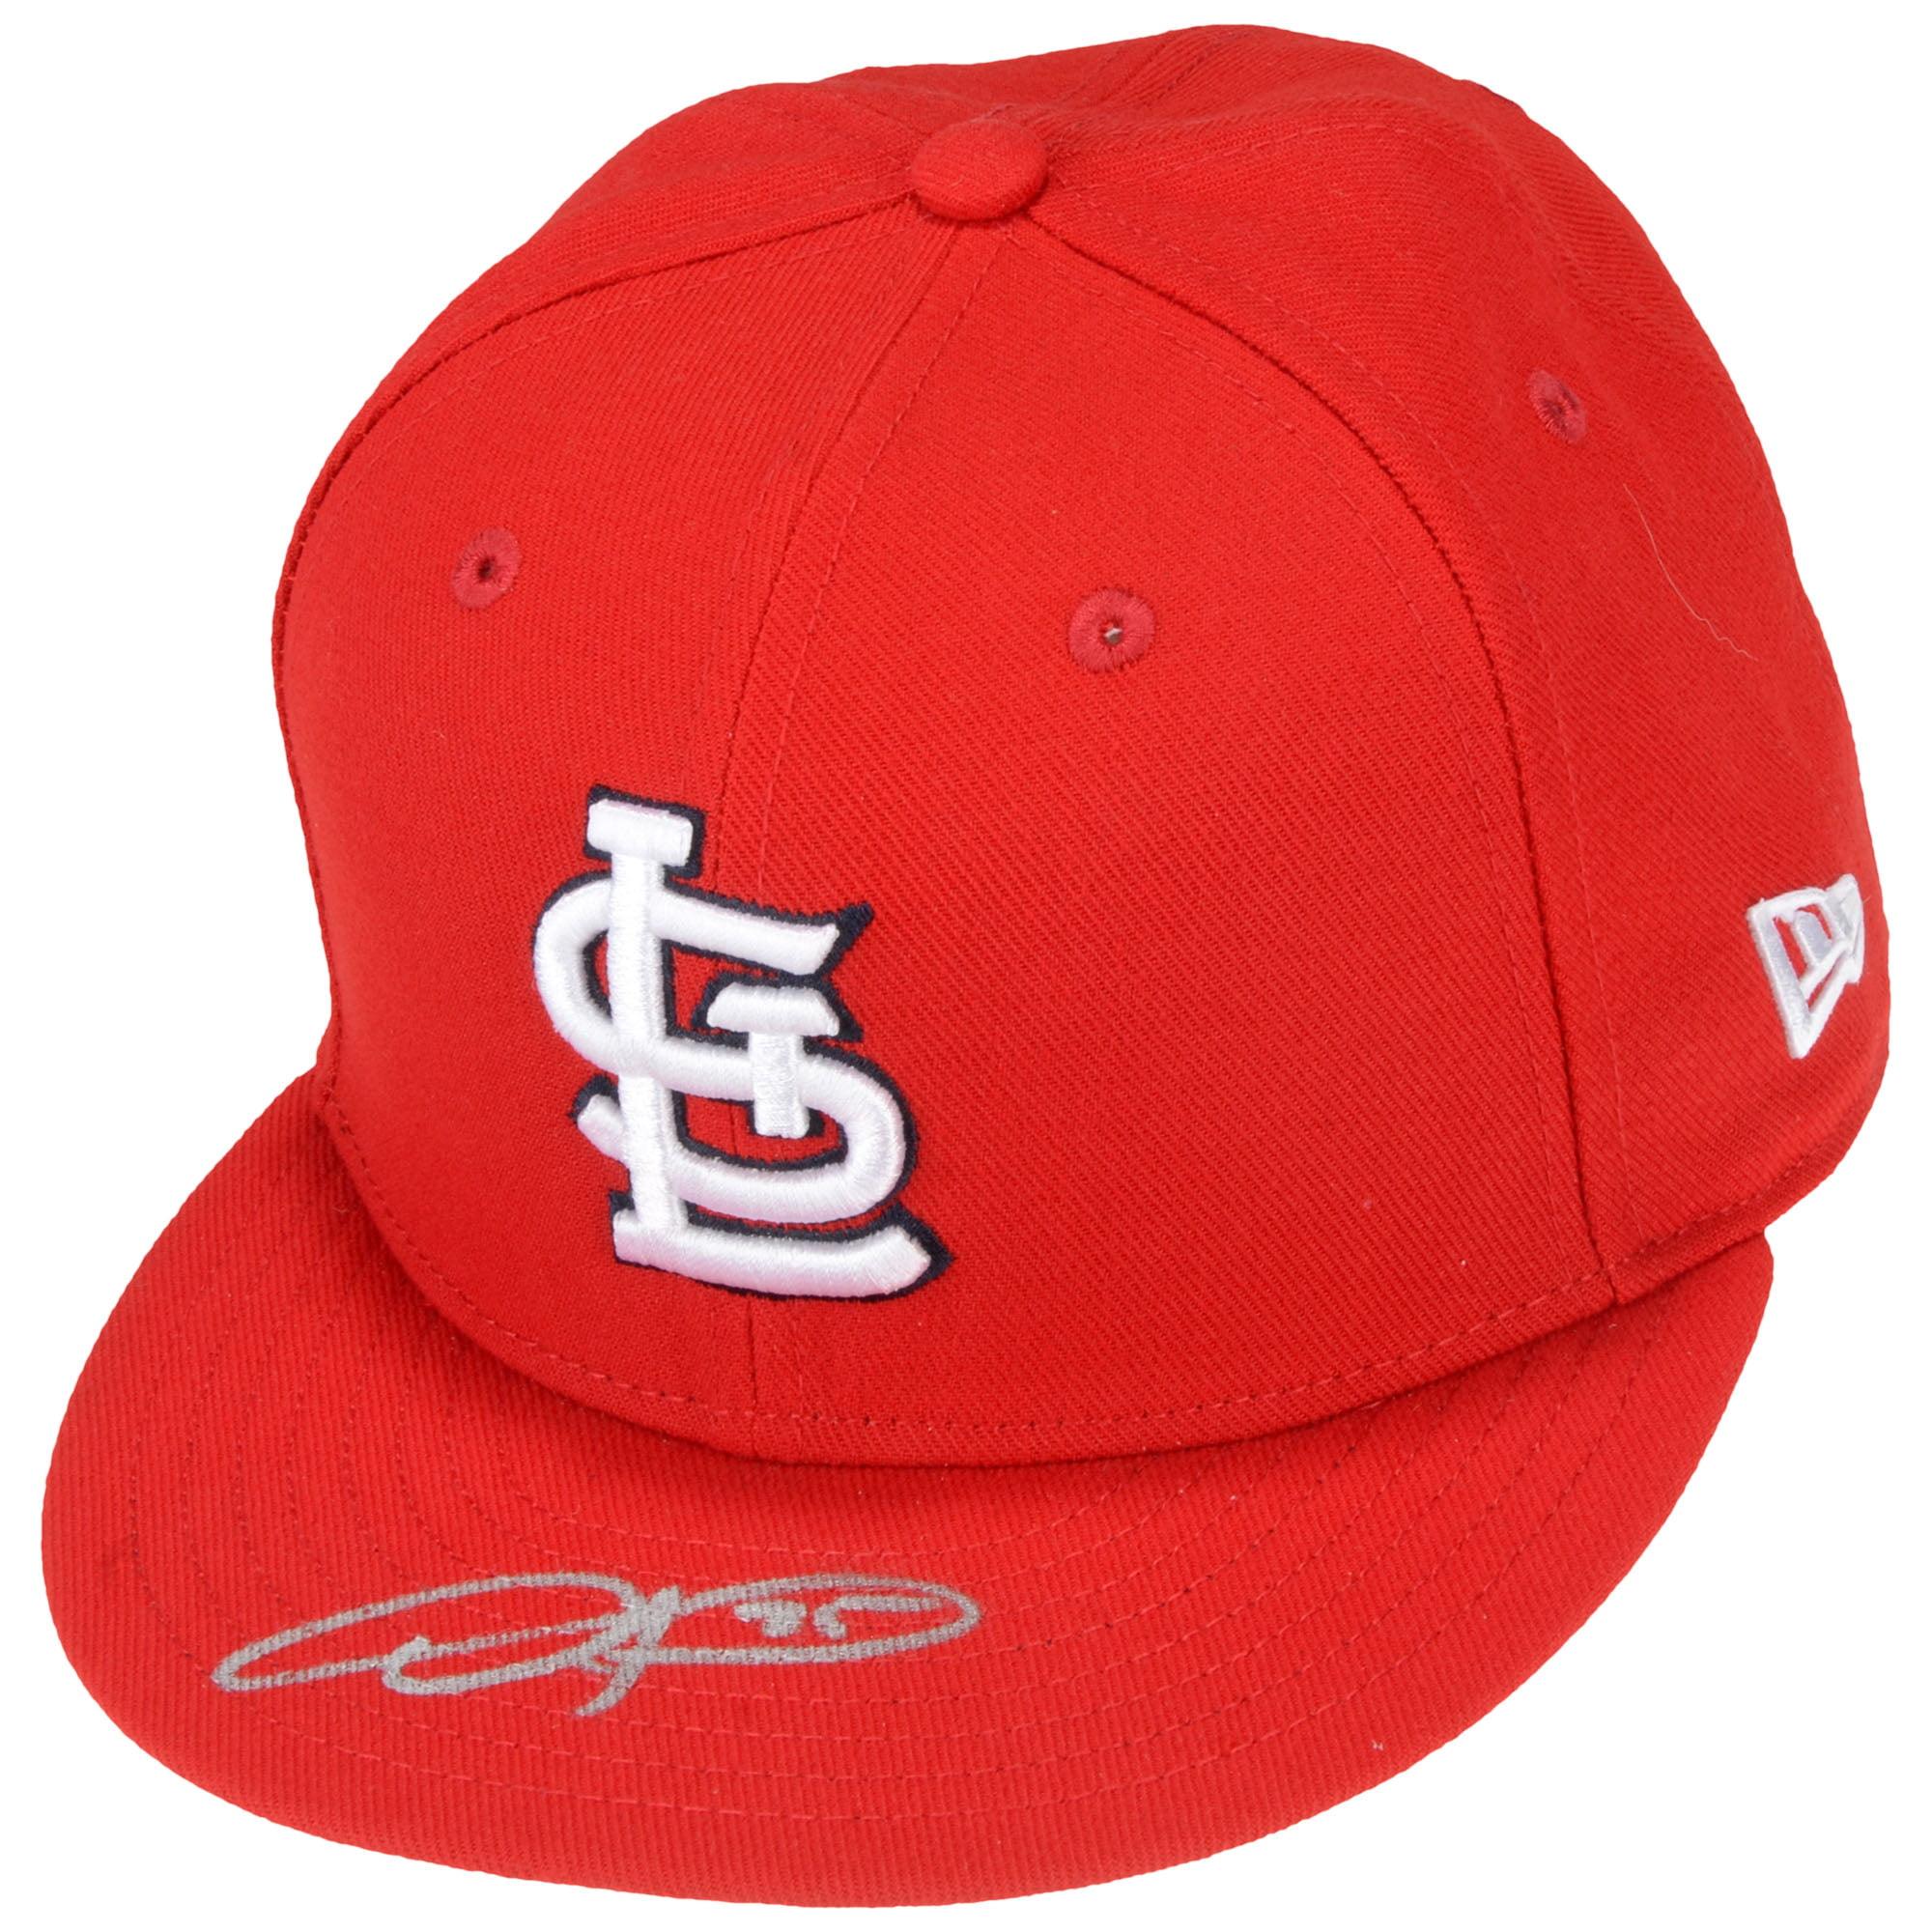 Dexter Fowler St. Louis Cardinals Fanatics Authentic Autographed New Era Cap - No Size